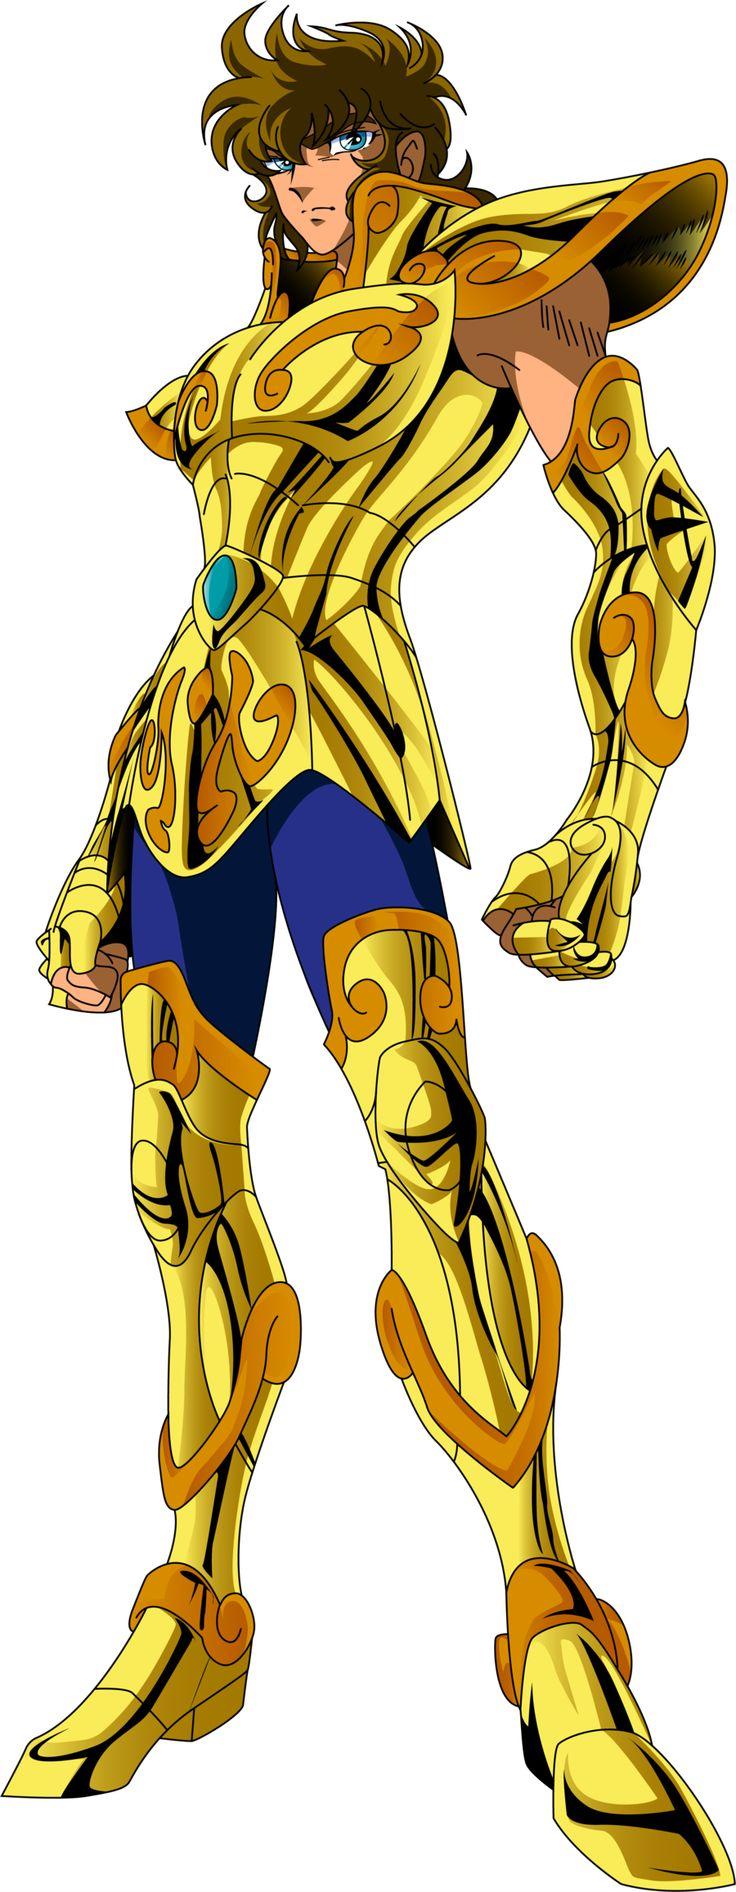 Leo Aiolia - #GoldSaint